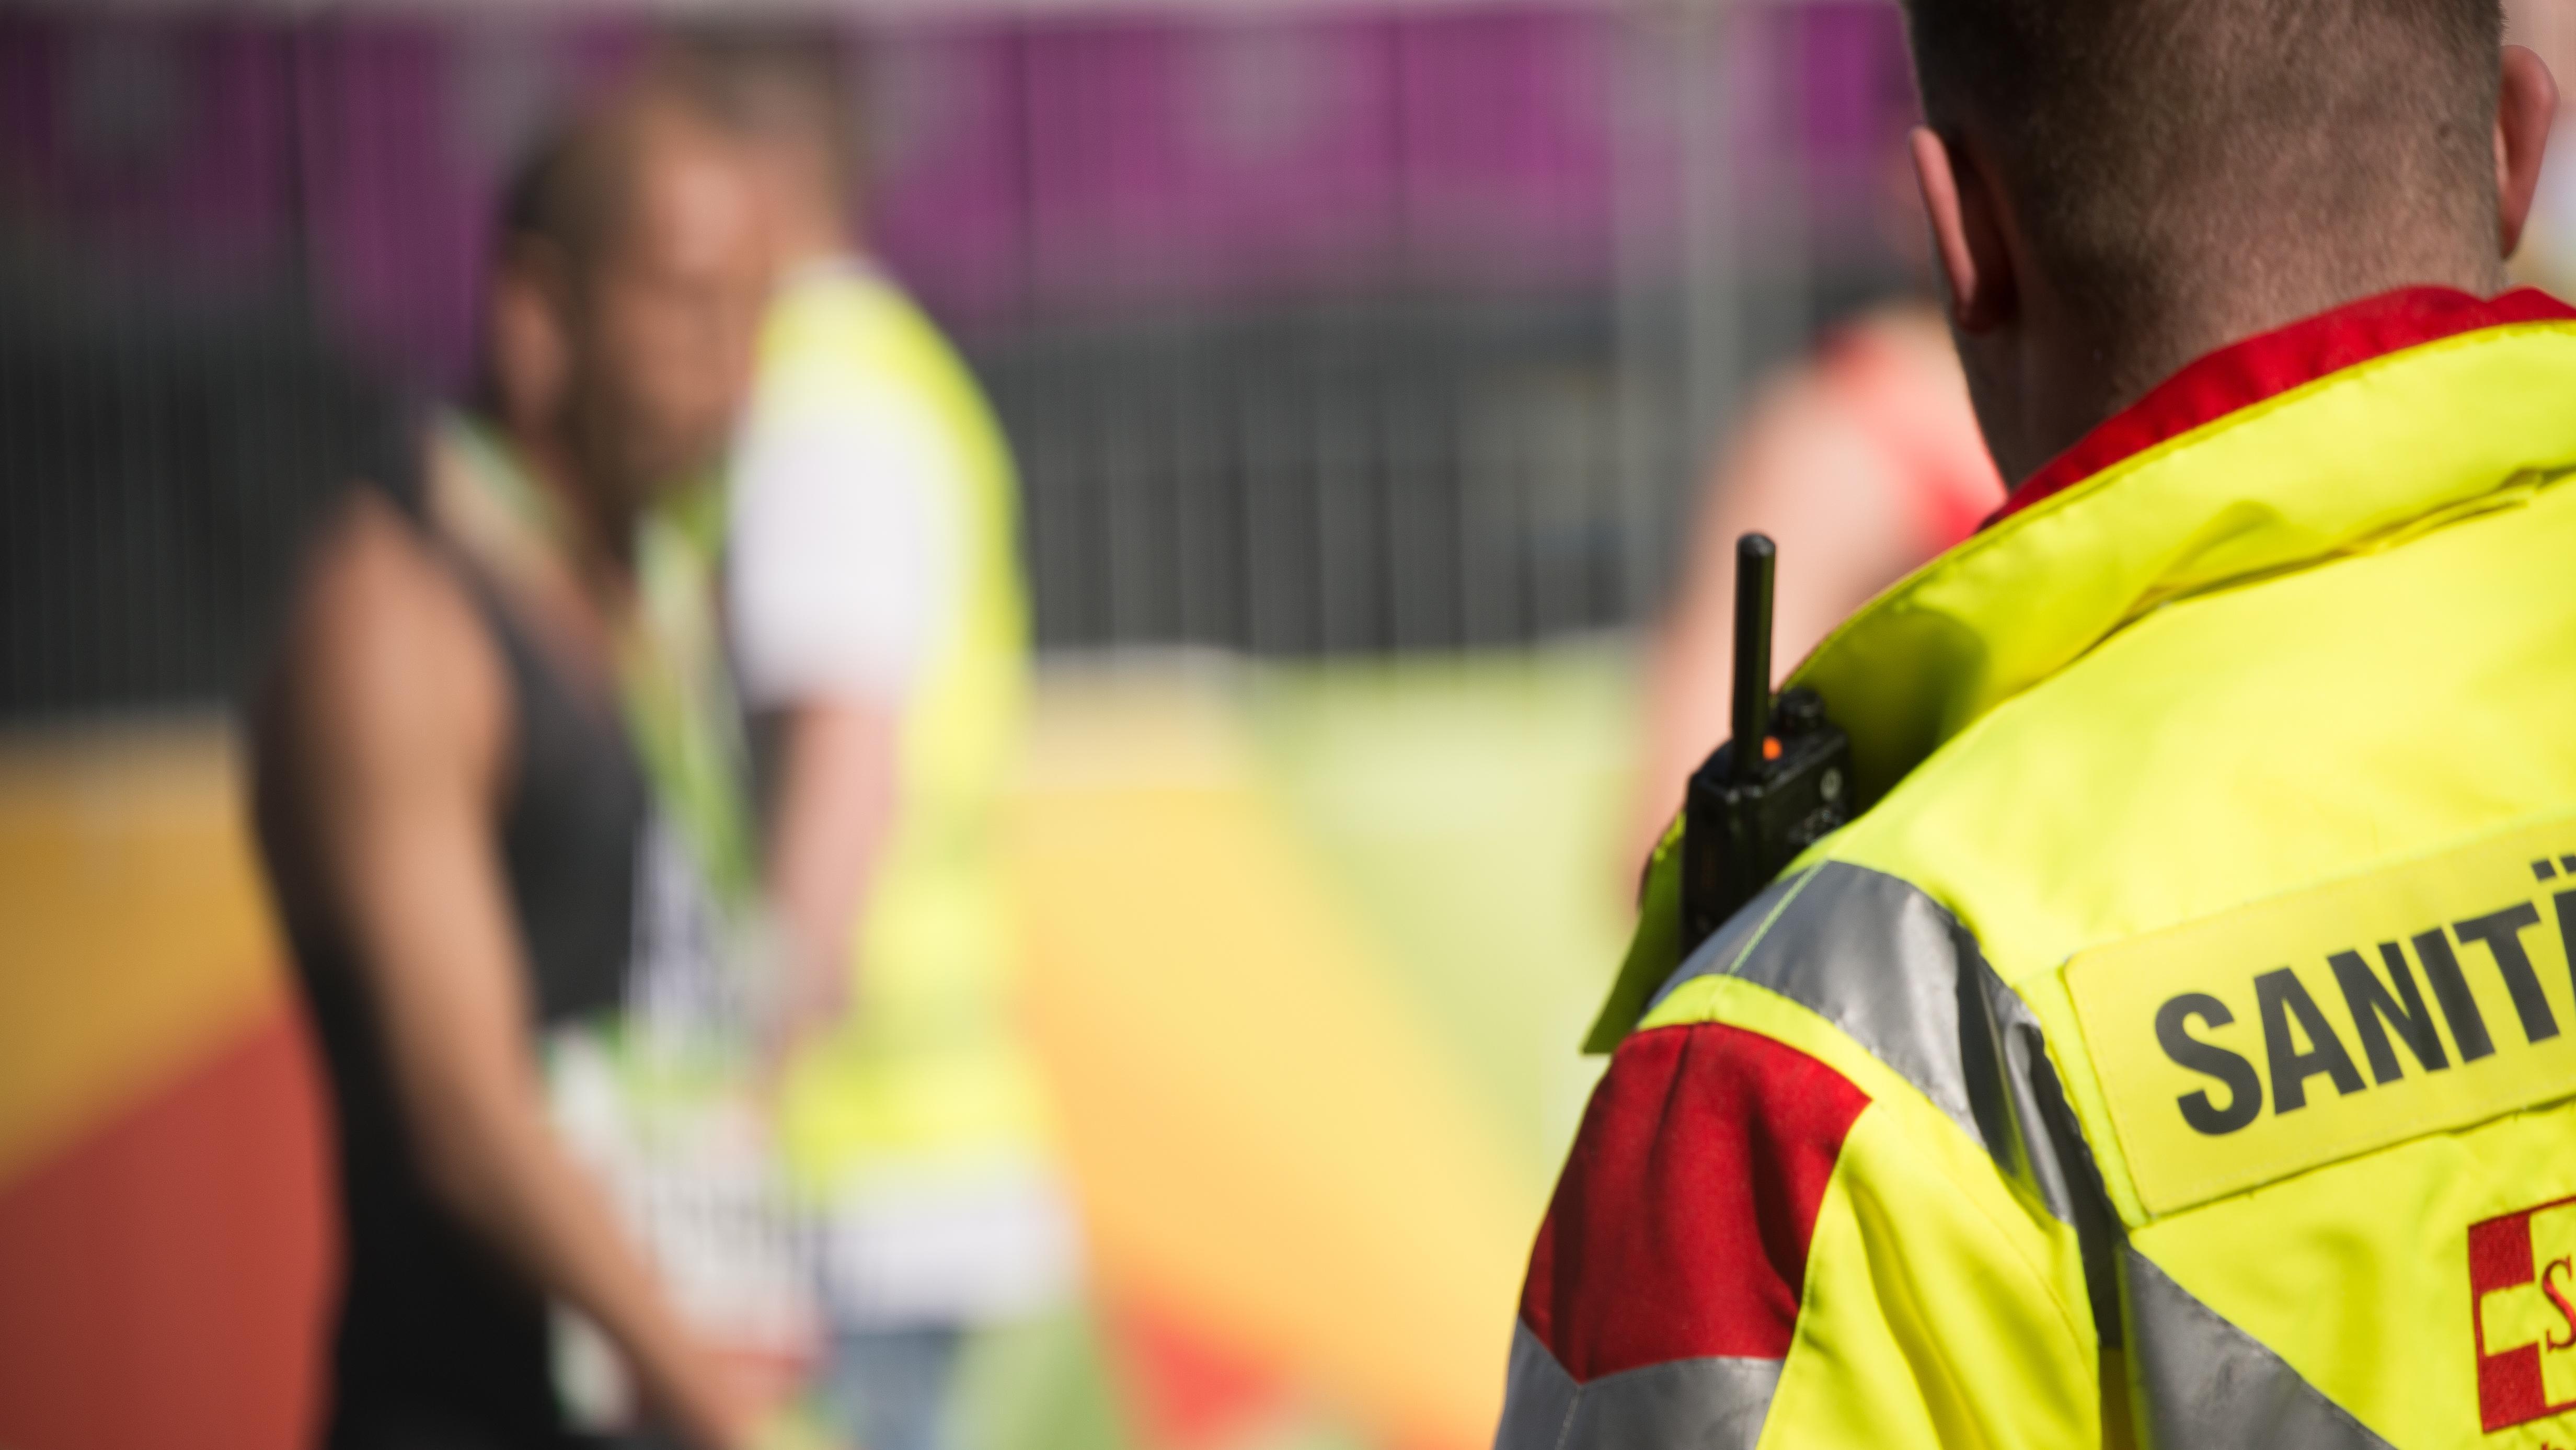 """Rettungskräfte werden oft in ihrer Arbeit behindert. Dagegen kämpft jetzt das Aktionsbündnis """"Lass retten""""."""